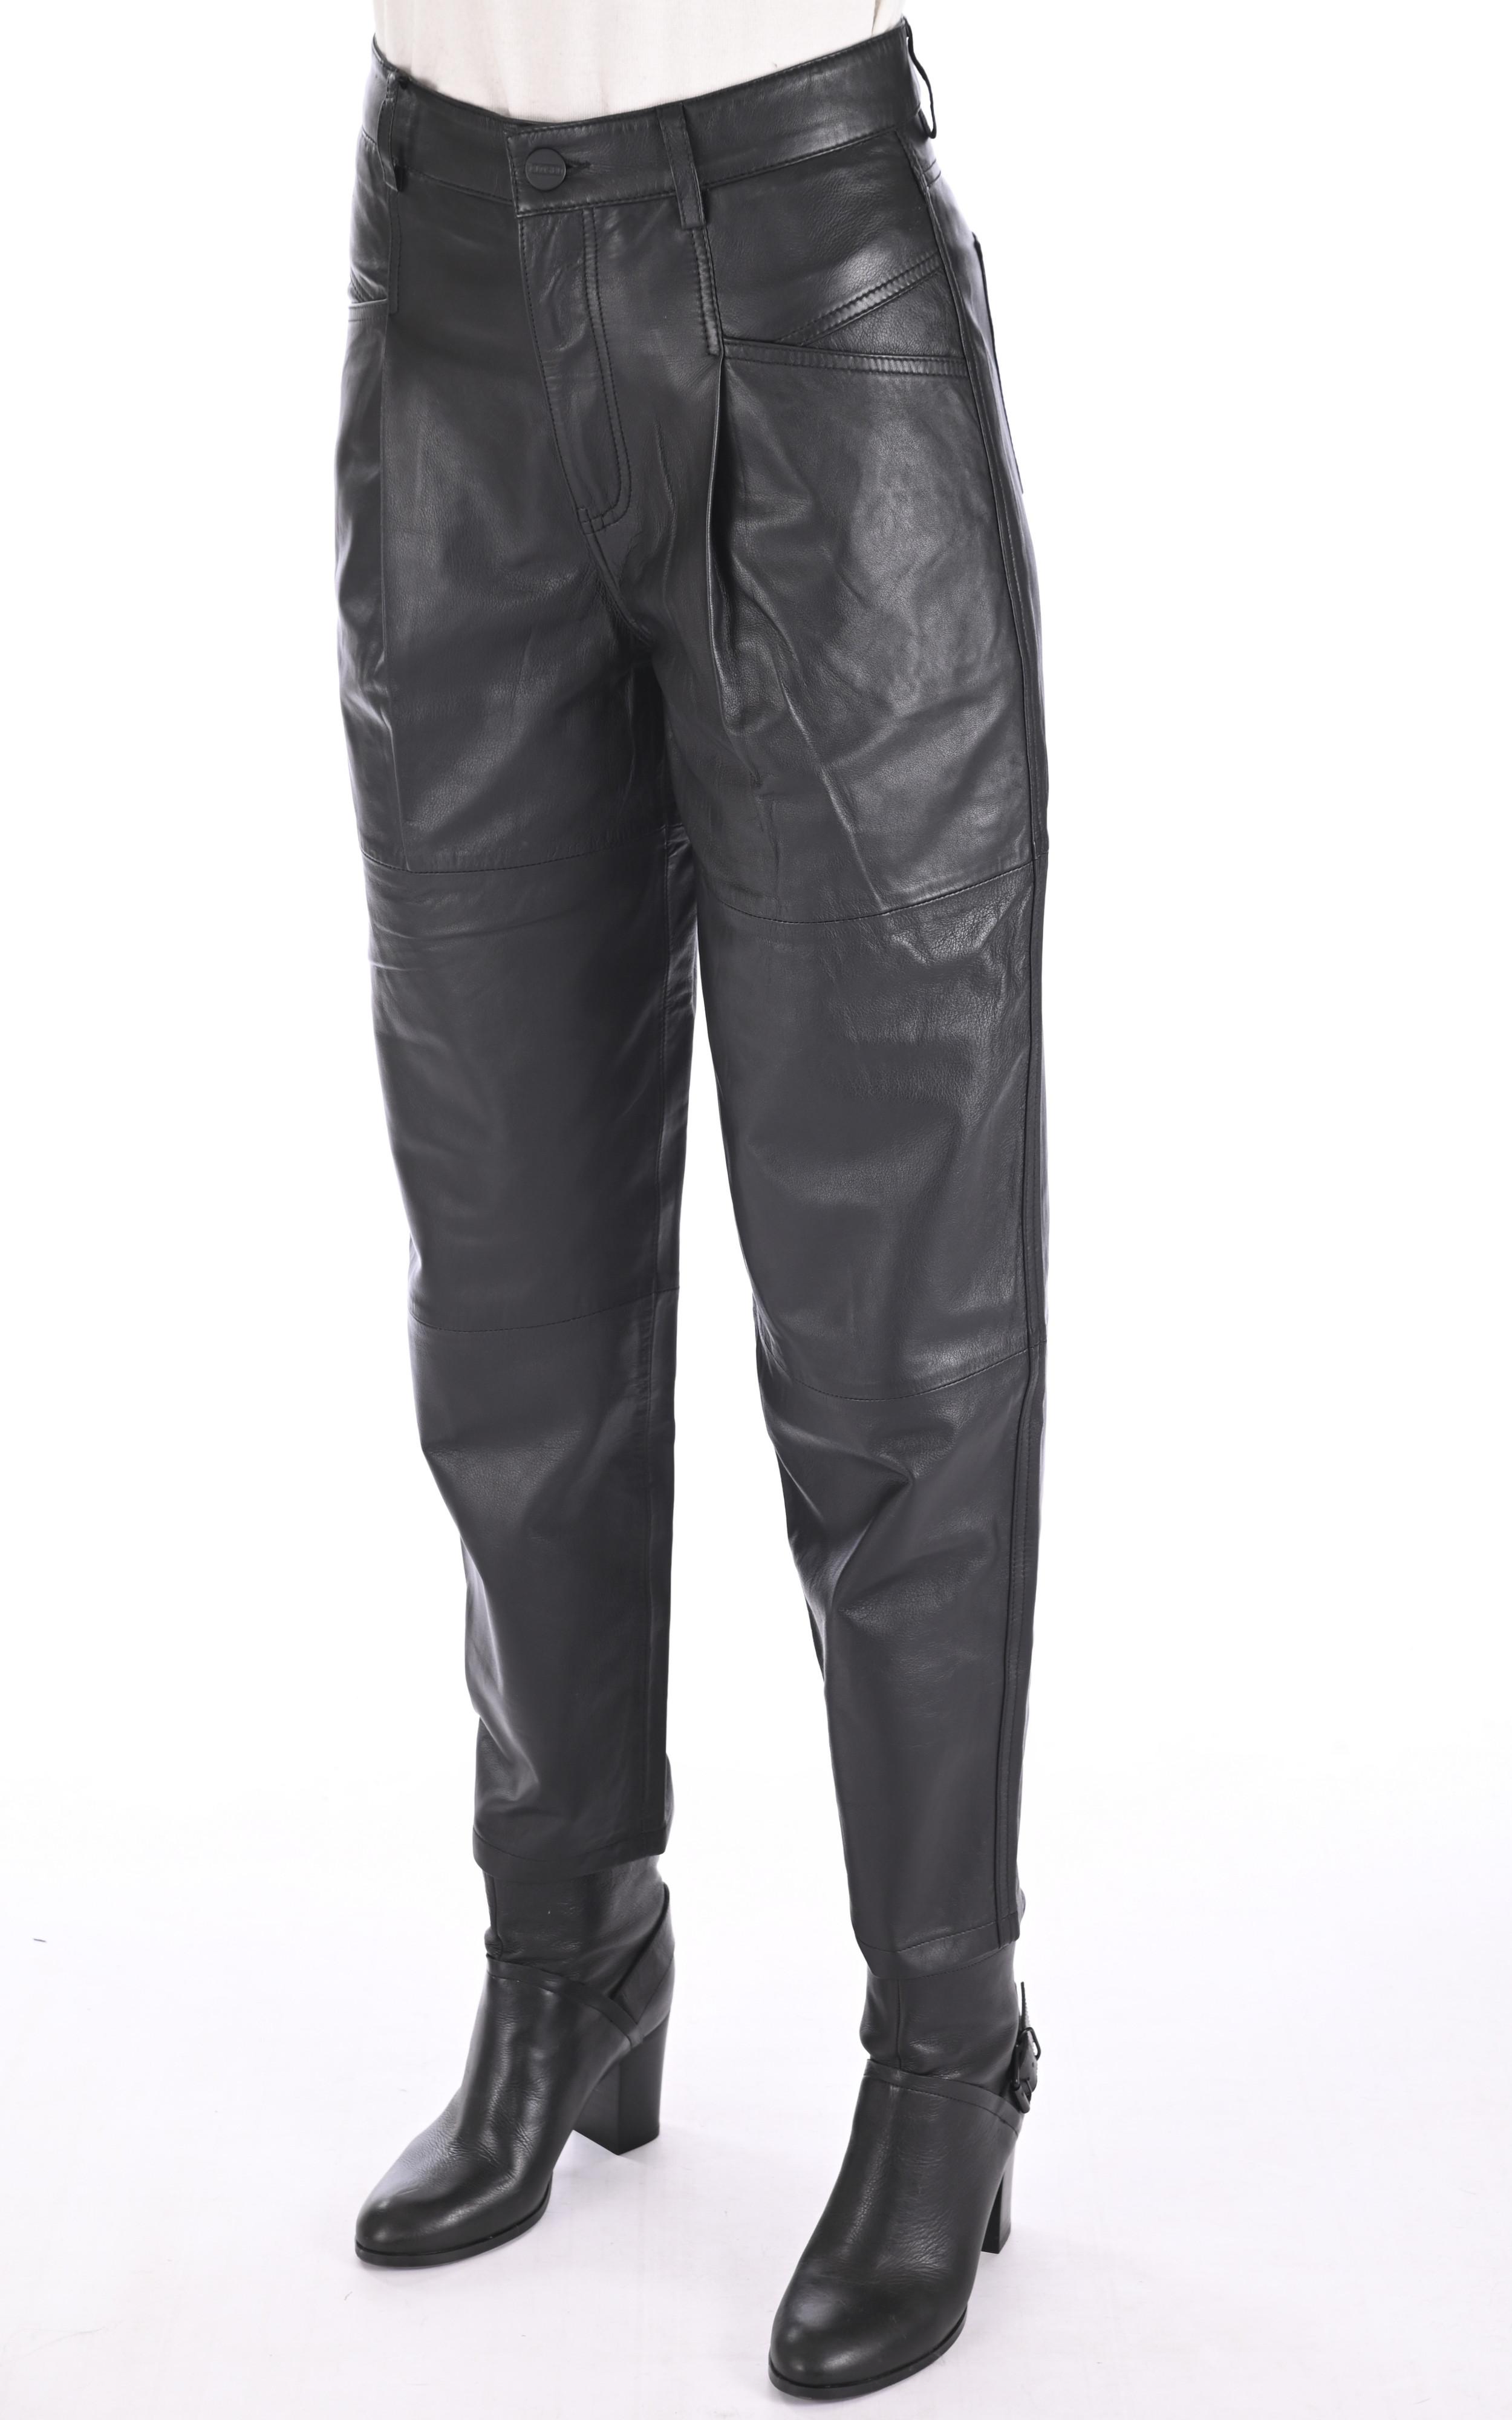 Pantalon chino cuir noir Closed